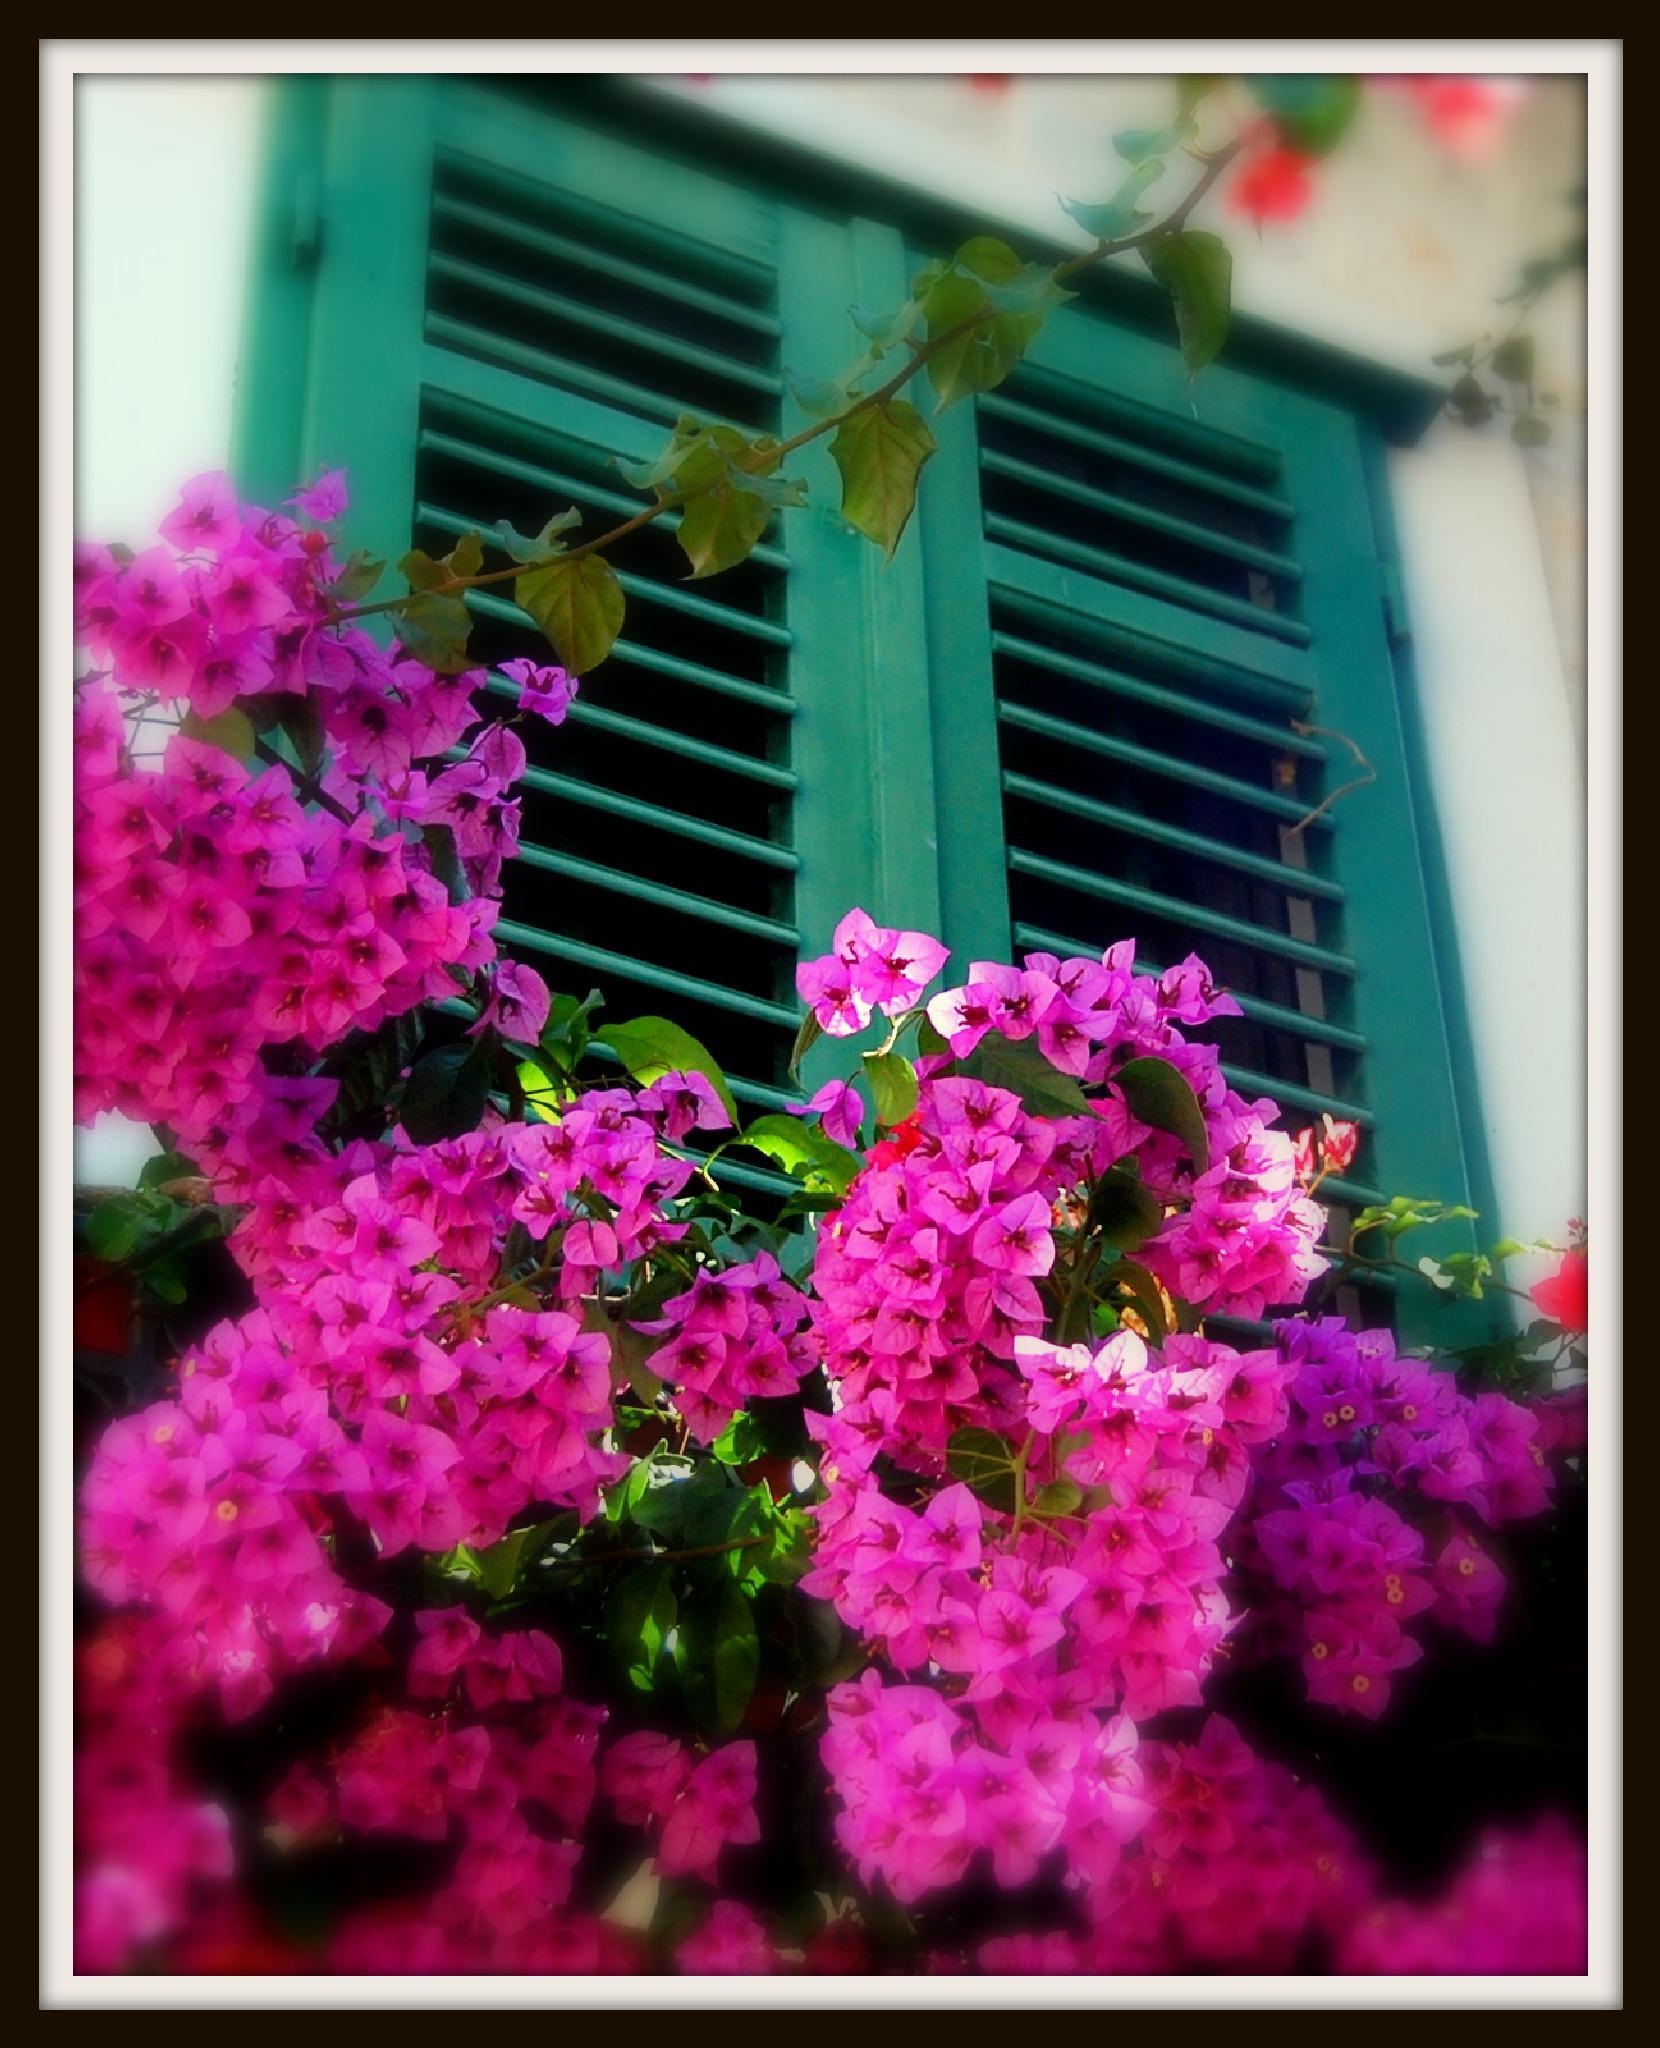 Mykonos Flowers by ChristopherMorrison